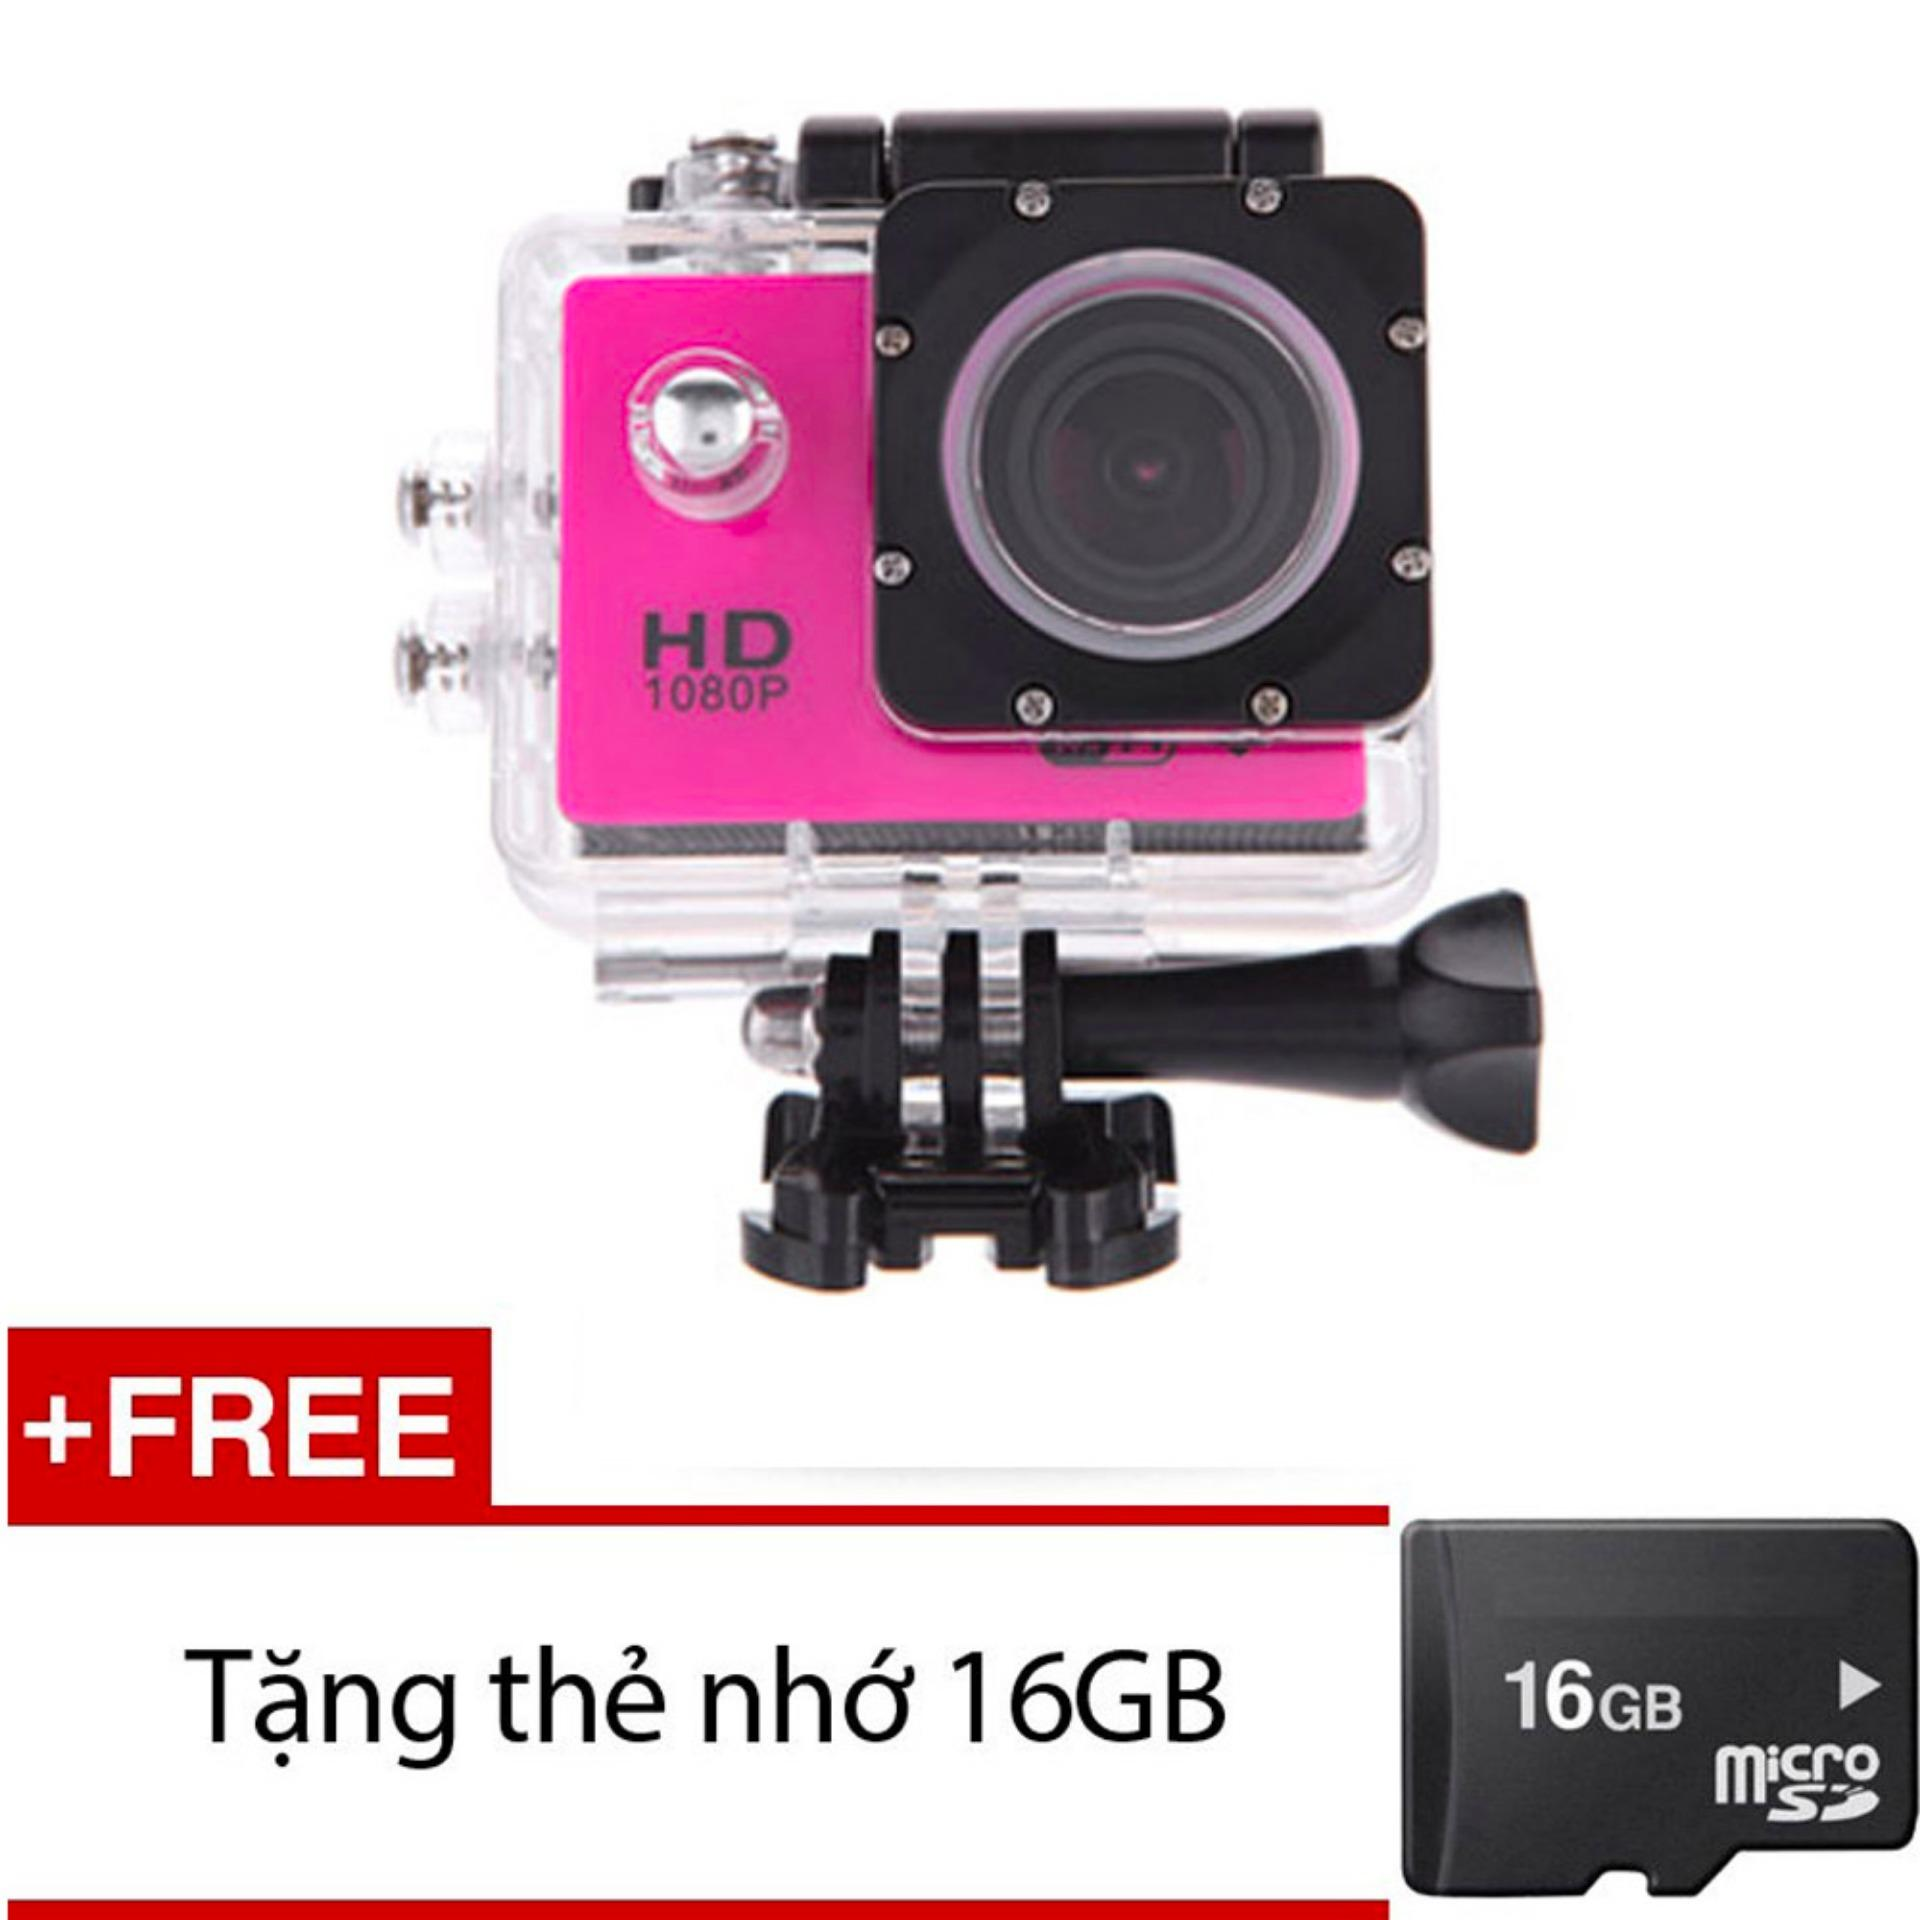 Máy ảnh Mini chống nước chuẩn FULL HD (Hồng) + Tặng 1 thẻ nhớ 16GB